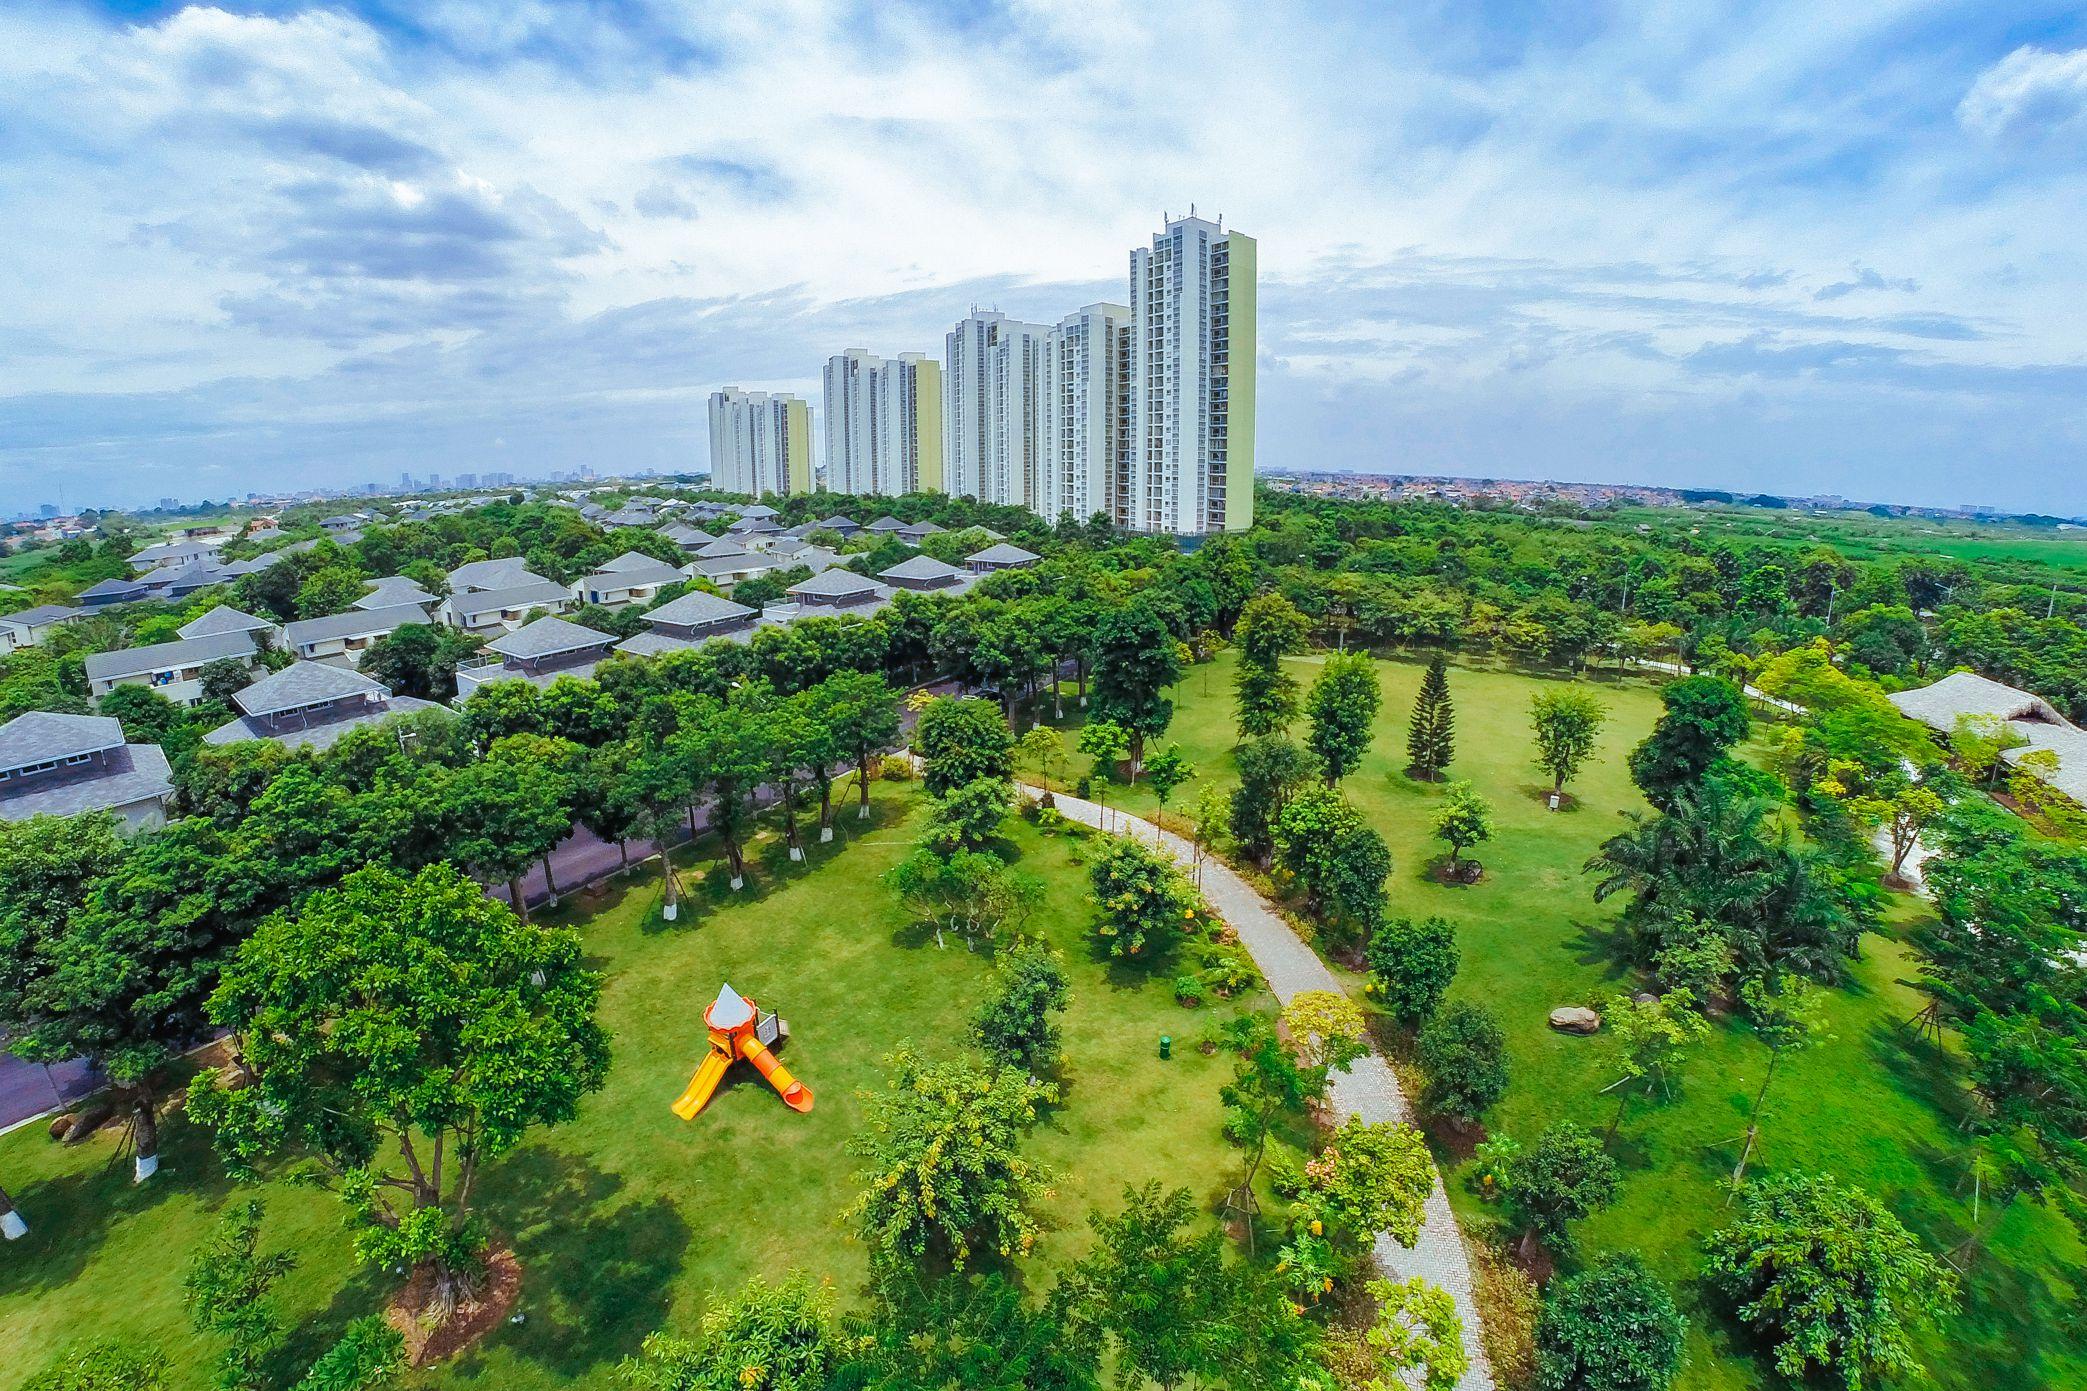 Chiêm ngưỡng diều khổng lồ tại Festival diều quốc tế Ecopark - Ảnh 5.